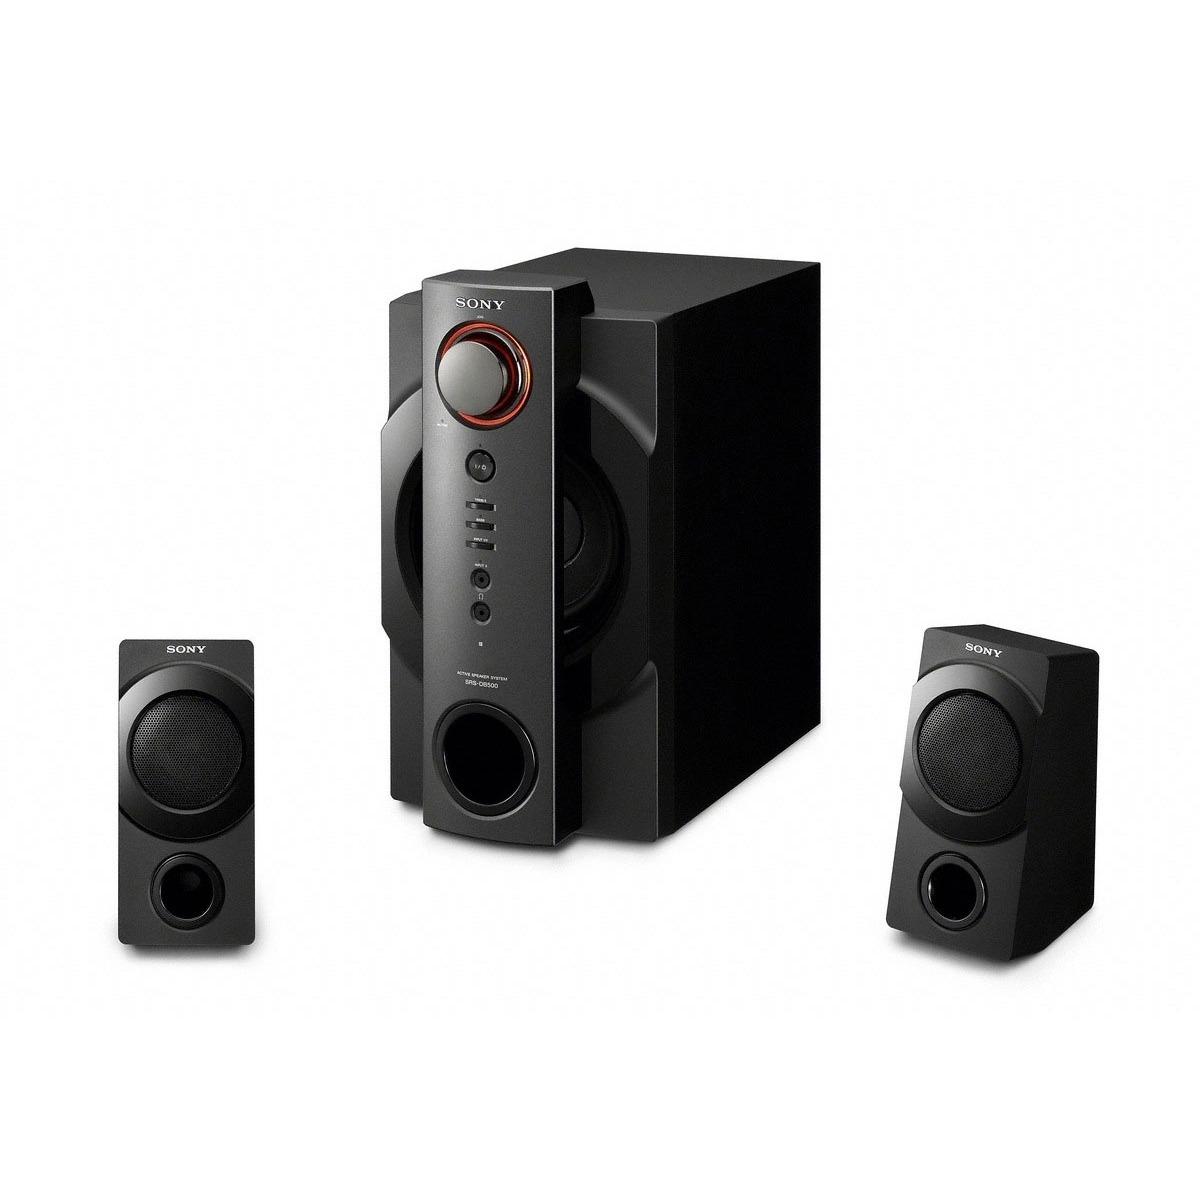 Enceinte PC Sony SRS-DB500 Sony SRS-DB500 - Enceintes 2.1 (coloris noir)